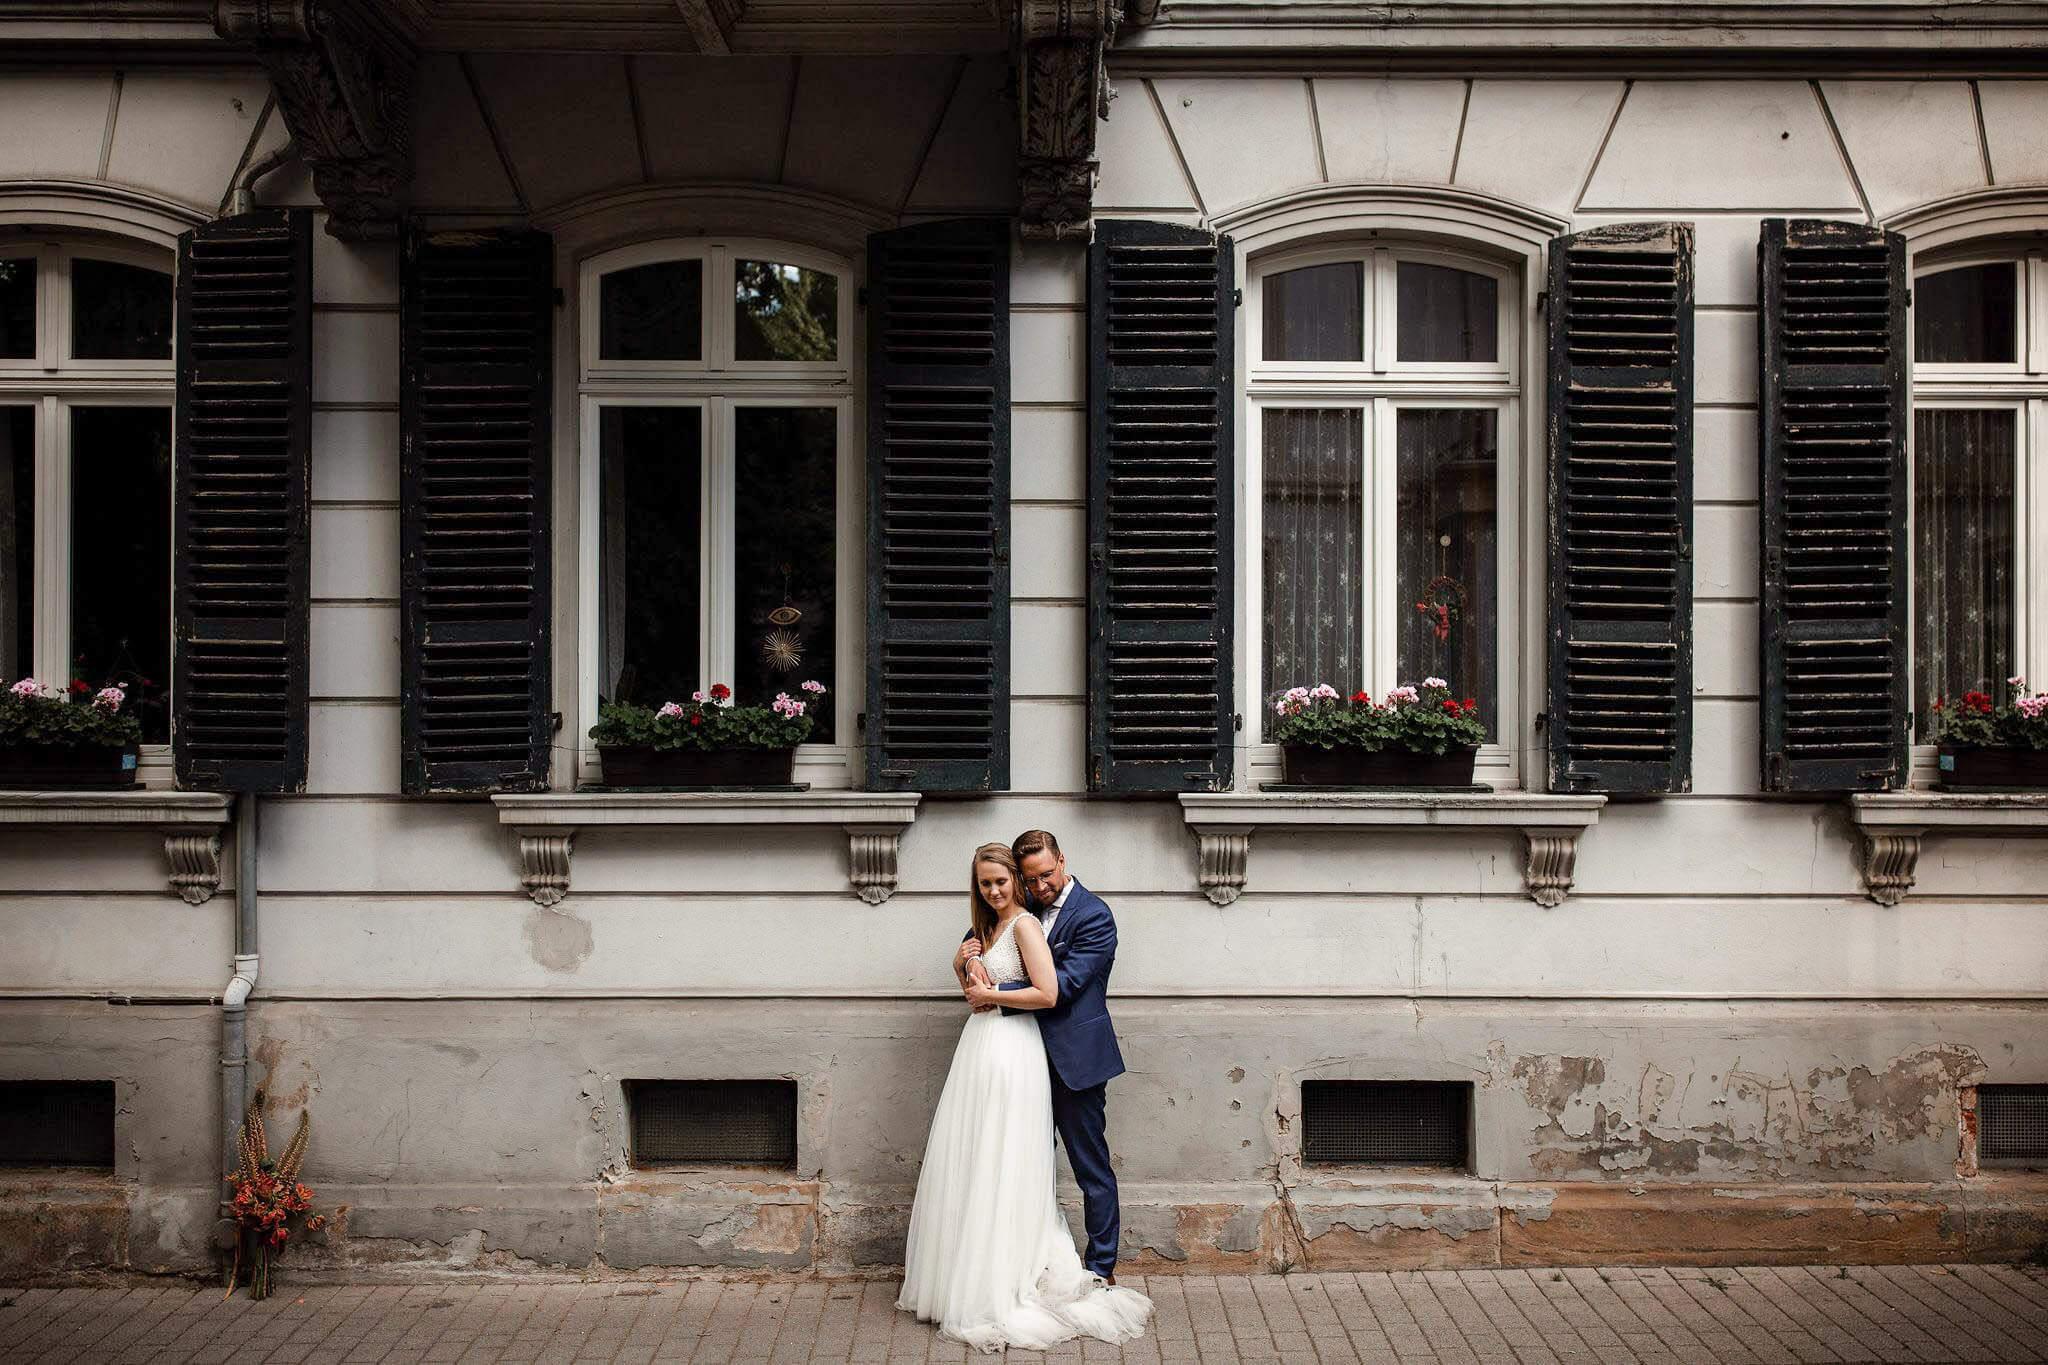 Hochzeitsfotograf Rheinhessen: stimmungsvolle, ruhige Hochzeitsfotos | Hochzeitsfotografie Mainz | Tina und Maxim 1